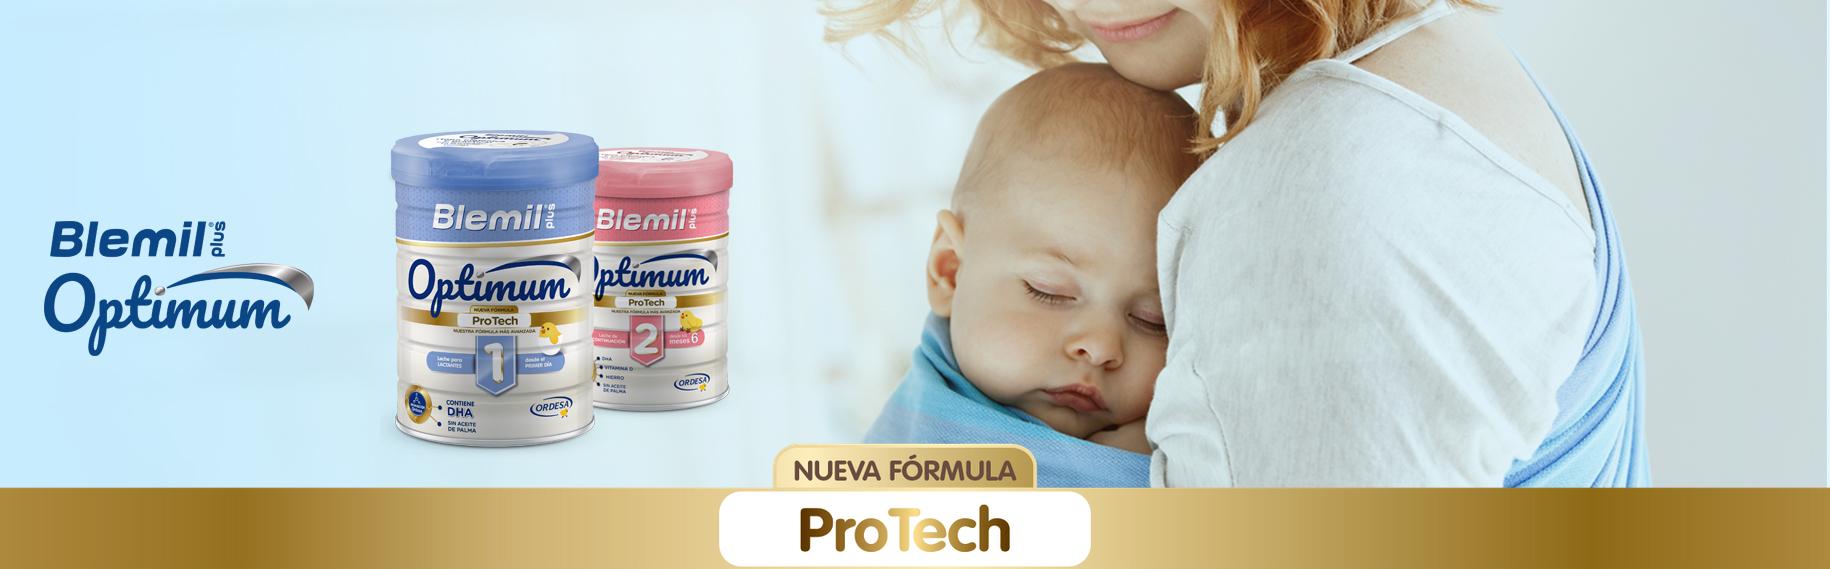 BLEMIL Optimum ProTech Leche Infantil